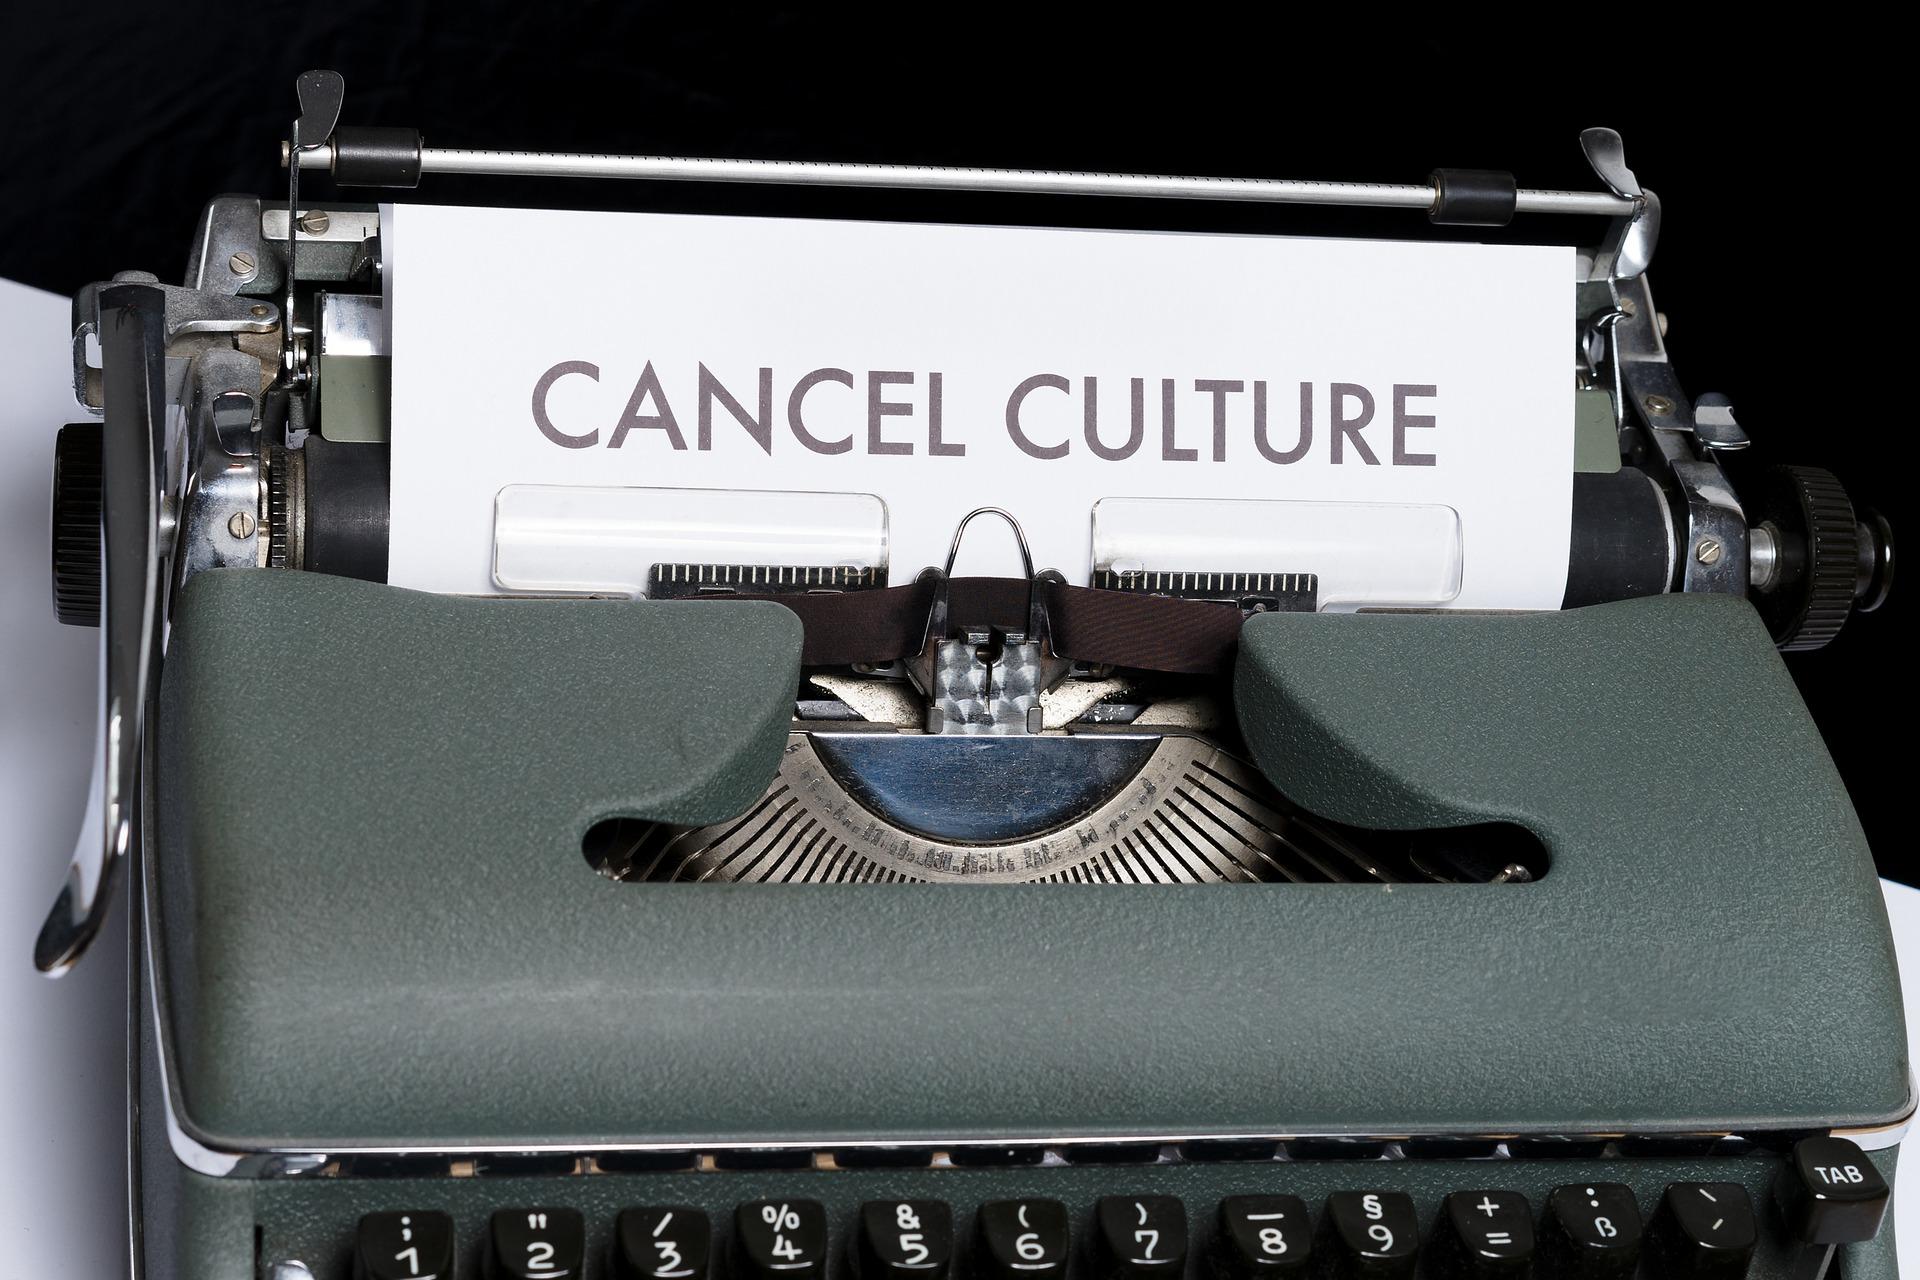 Harmaansävyinen kirjoituskone, jossa paperi ja teksticancel culture.